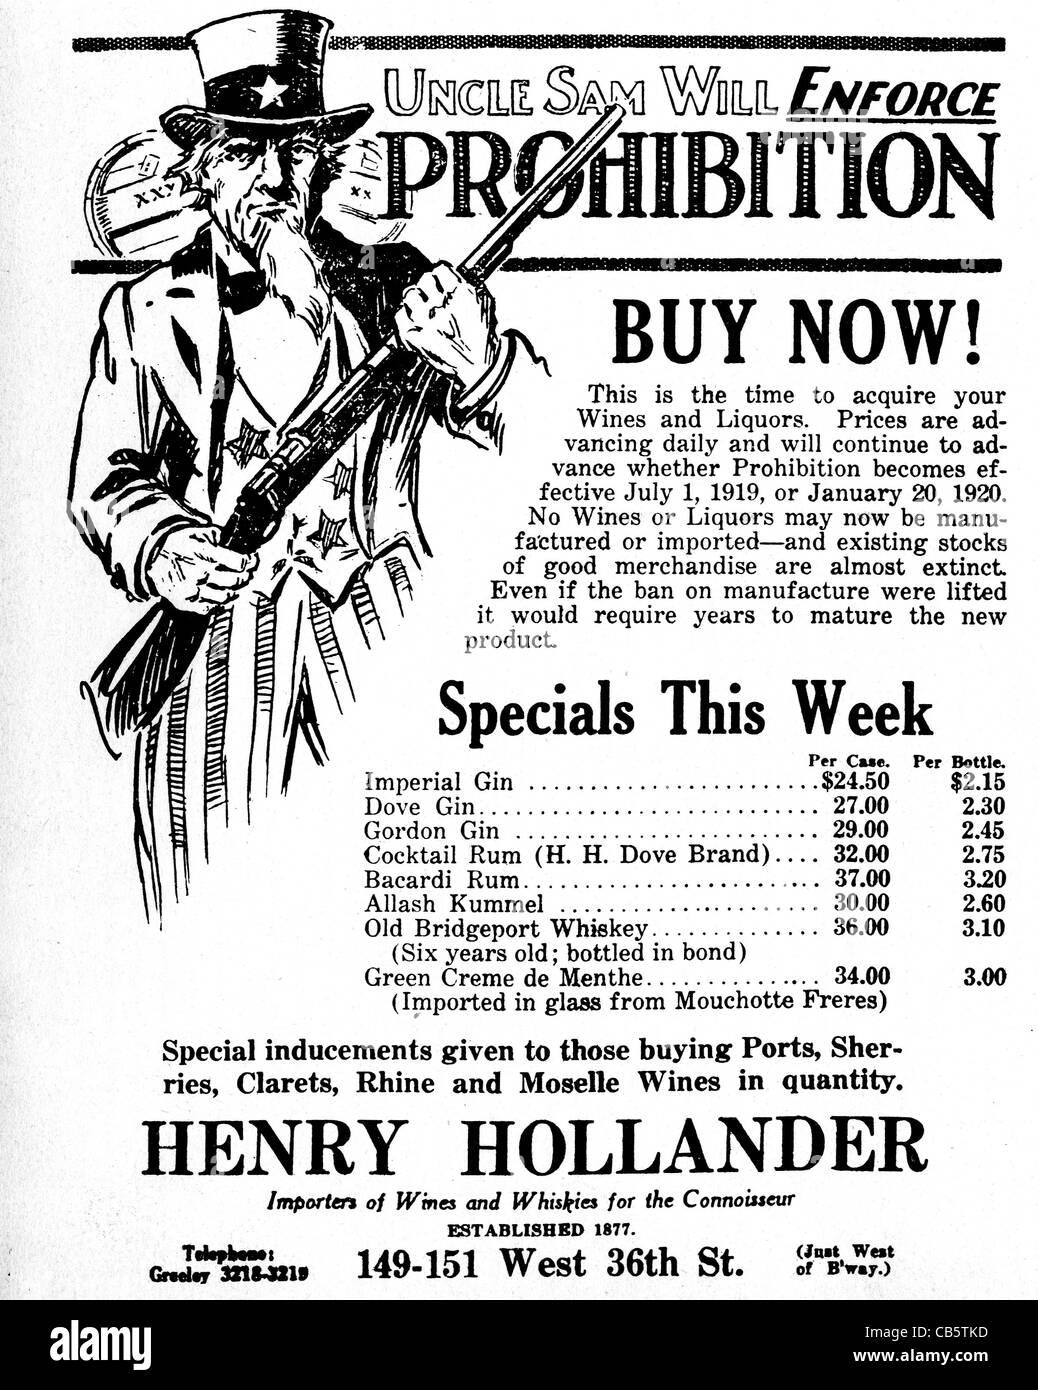 Verbot IN USA Magazin Anzeige von 1919 drängen Trinker zu tanken, bevor Gesetze in Kraft getreten ist Stockbild